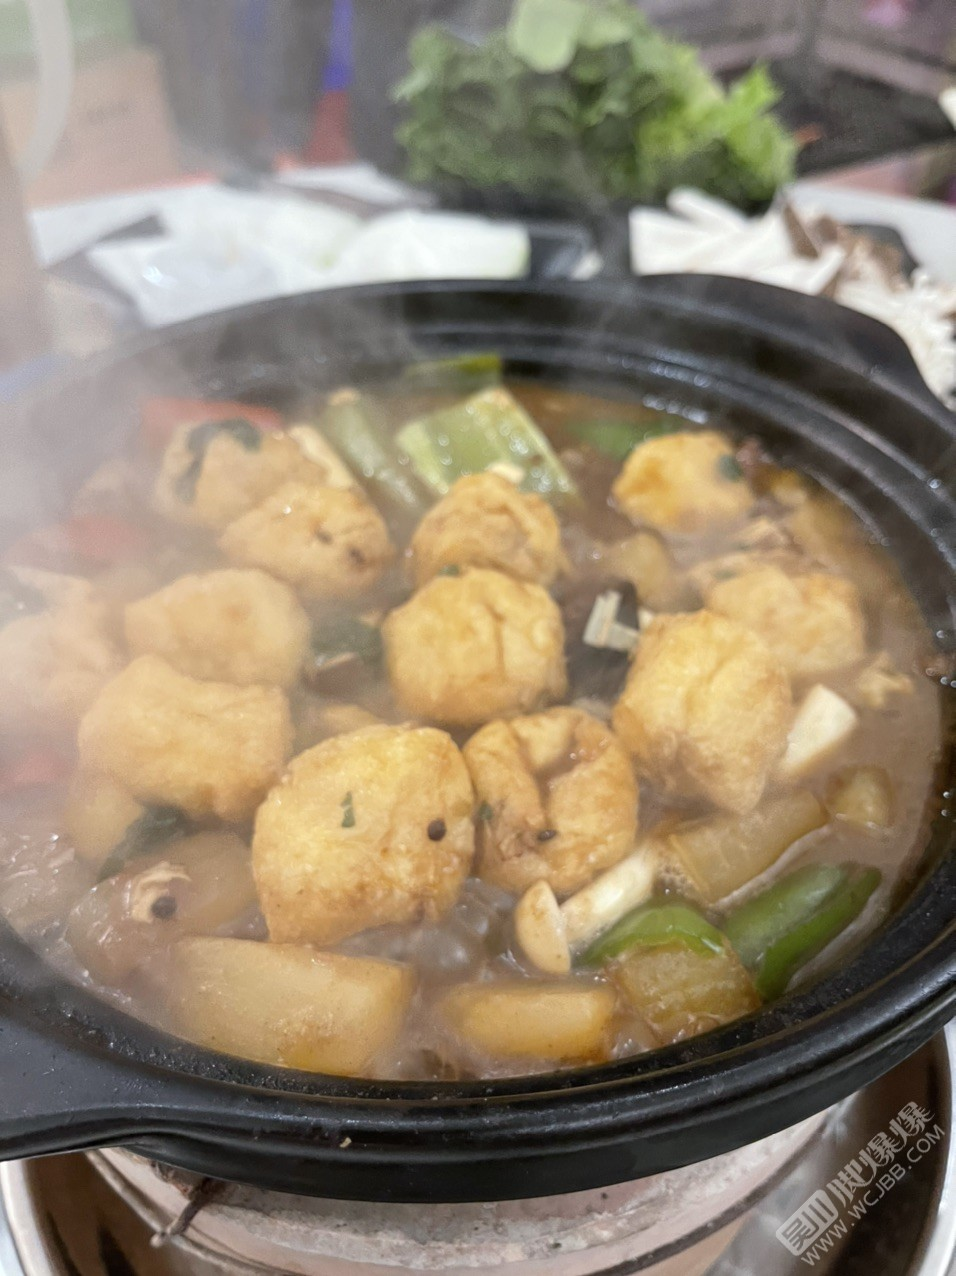 冷天適合打邊爐!最喜歡這家獨特的風味,先喝湯再吃肉的感覺真是一流!